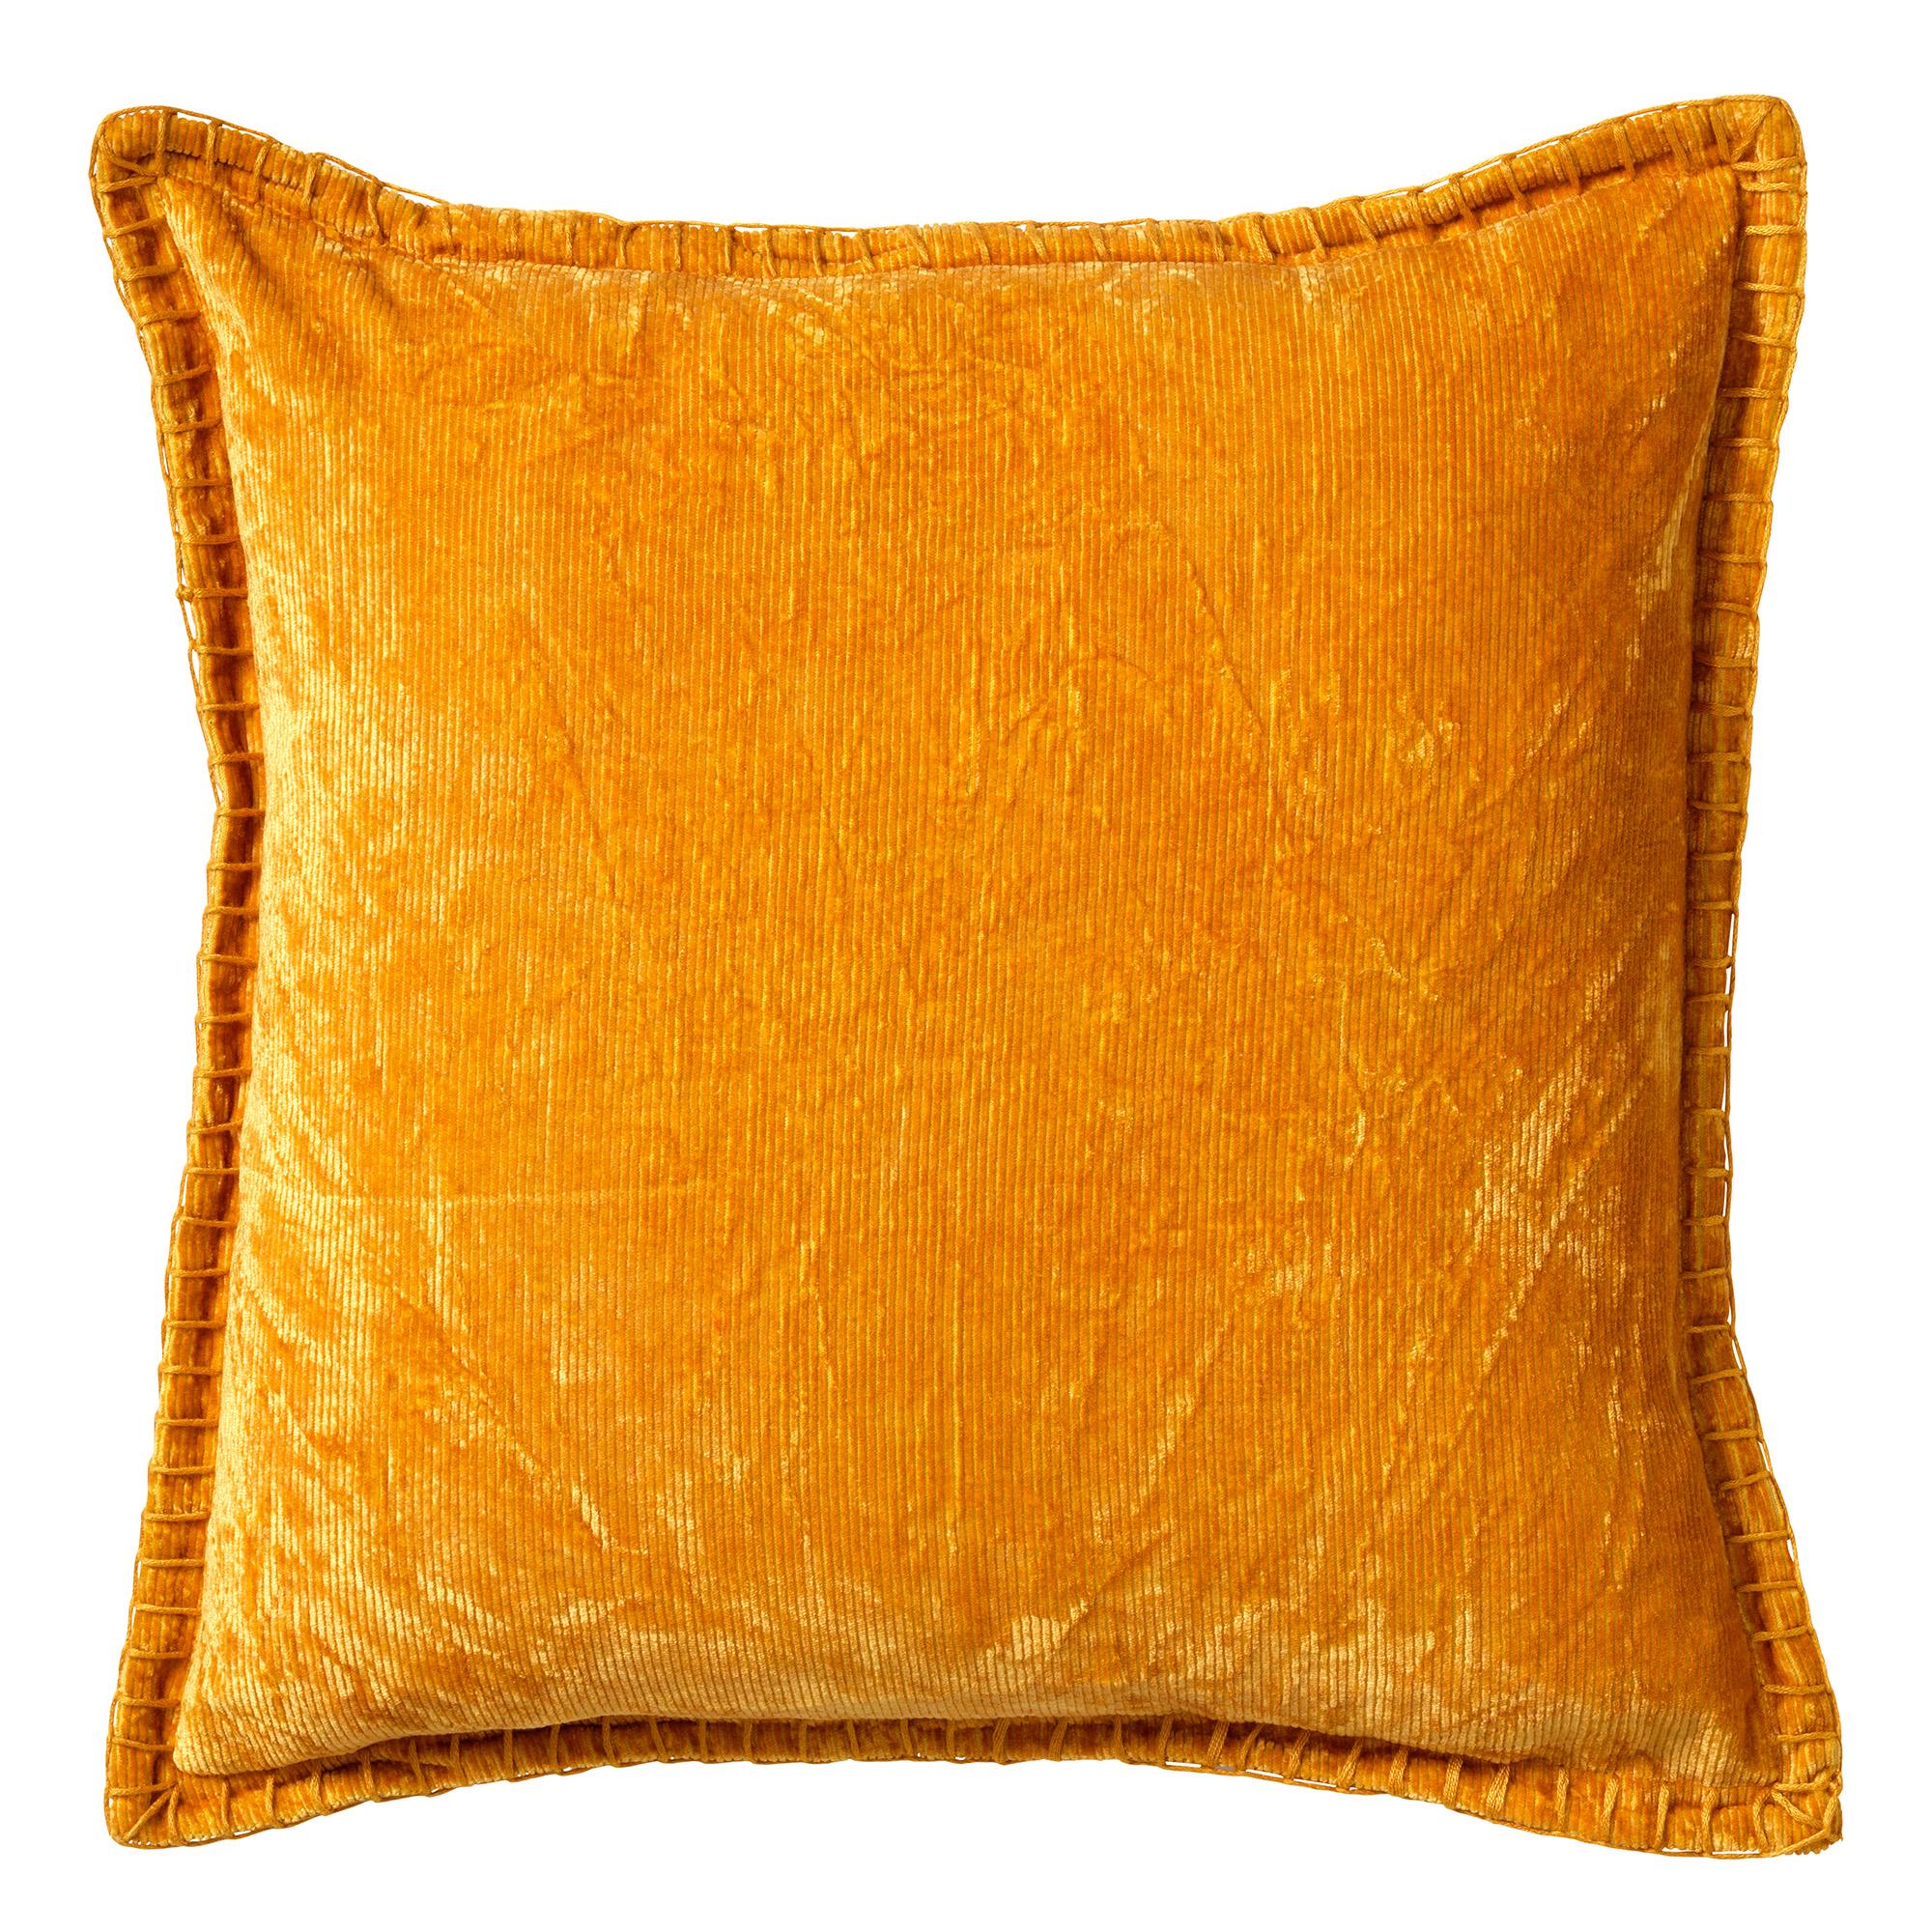 REBEL - Kussenhoes velvet 45x45 cm Golden Glow